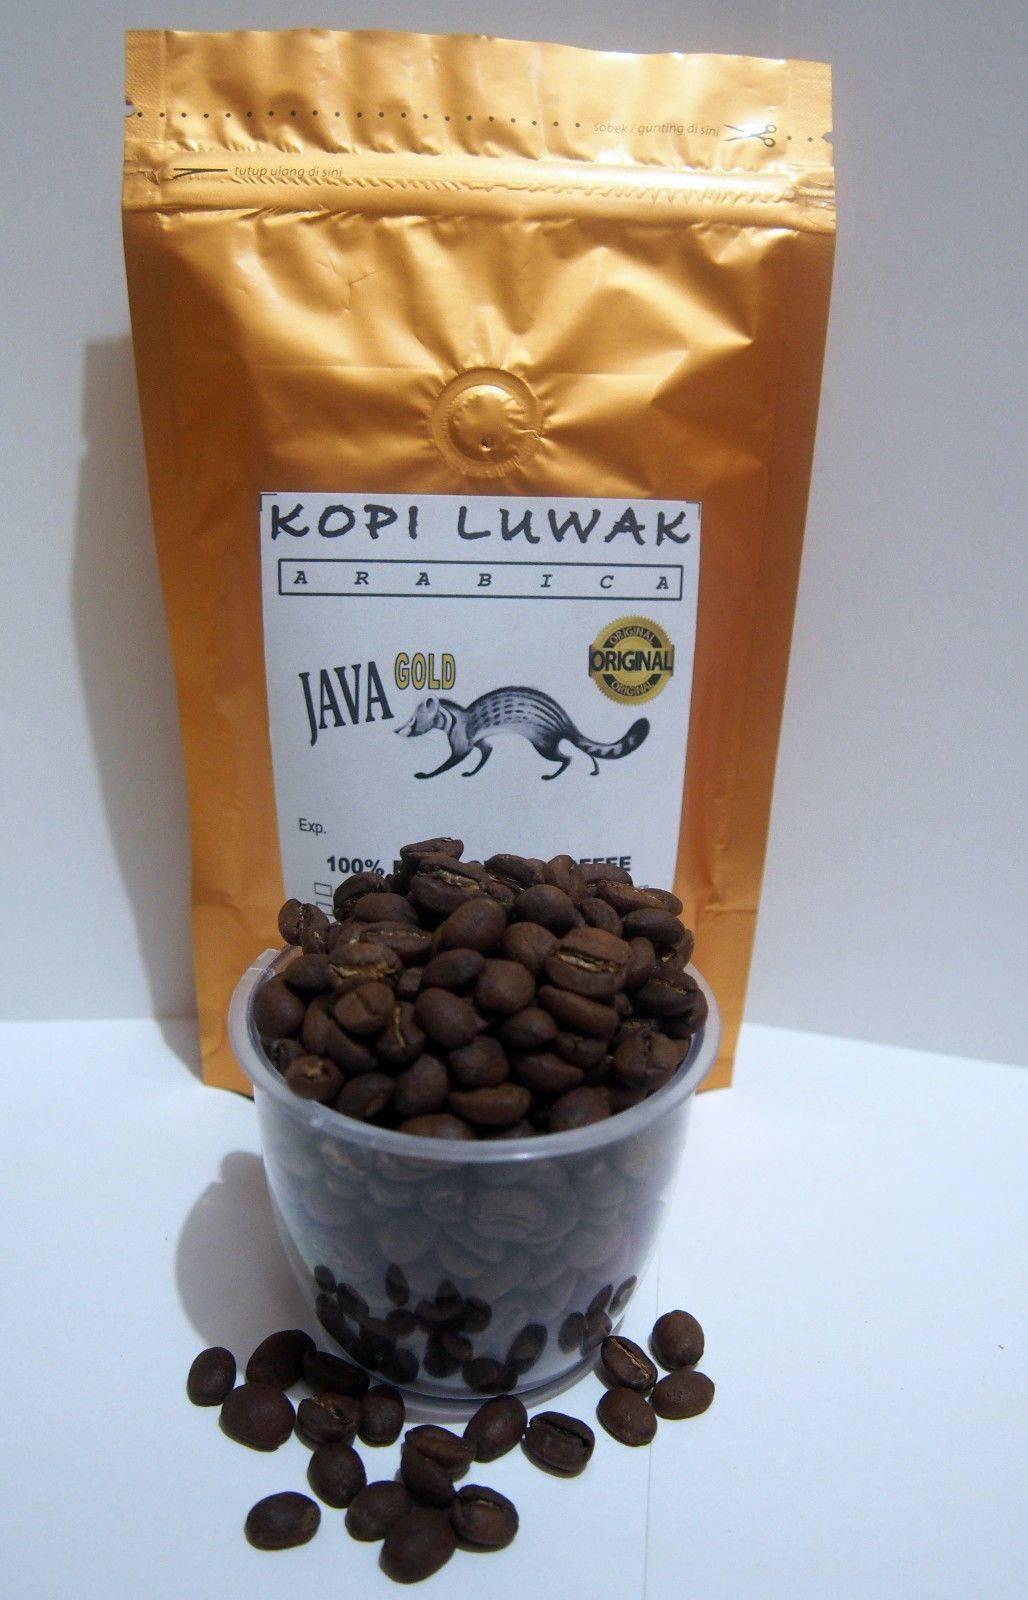 Вьетнамский кофе лювак (kopi luwak) - самый вкусный и дорогой (фото и видео)